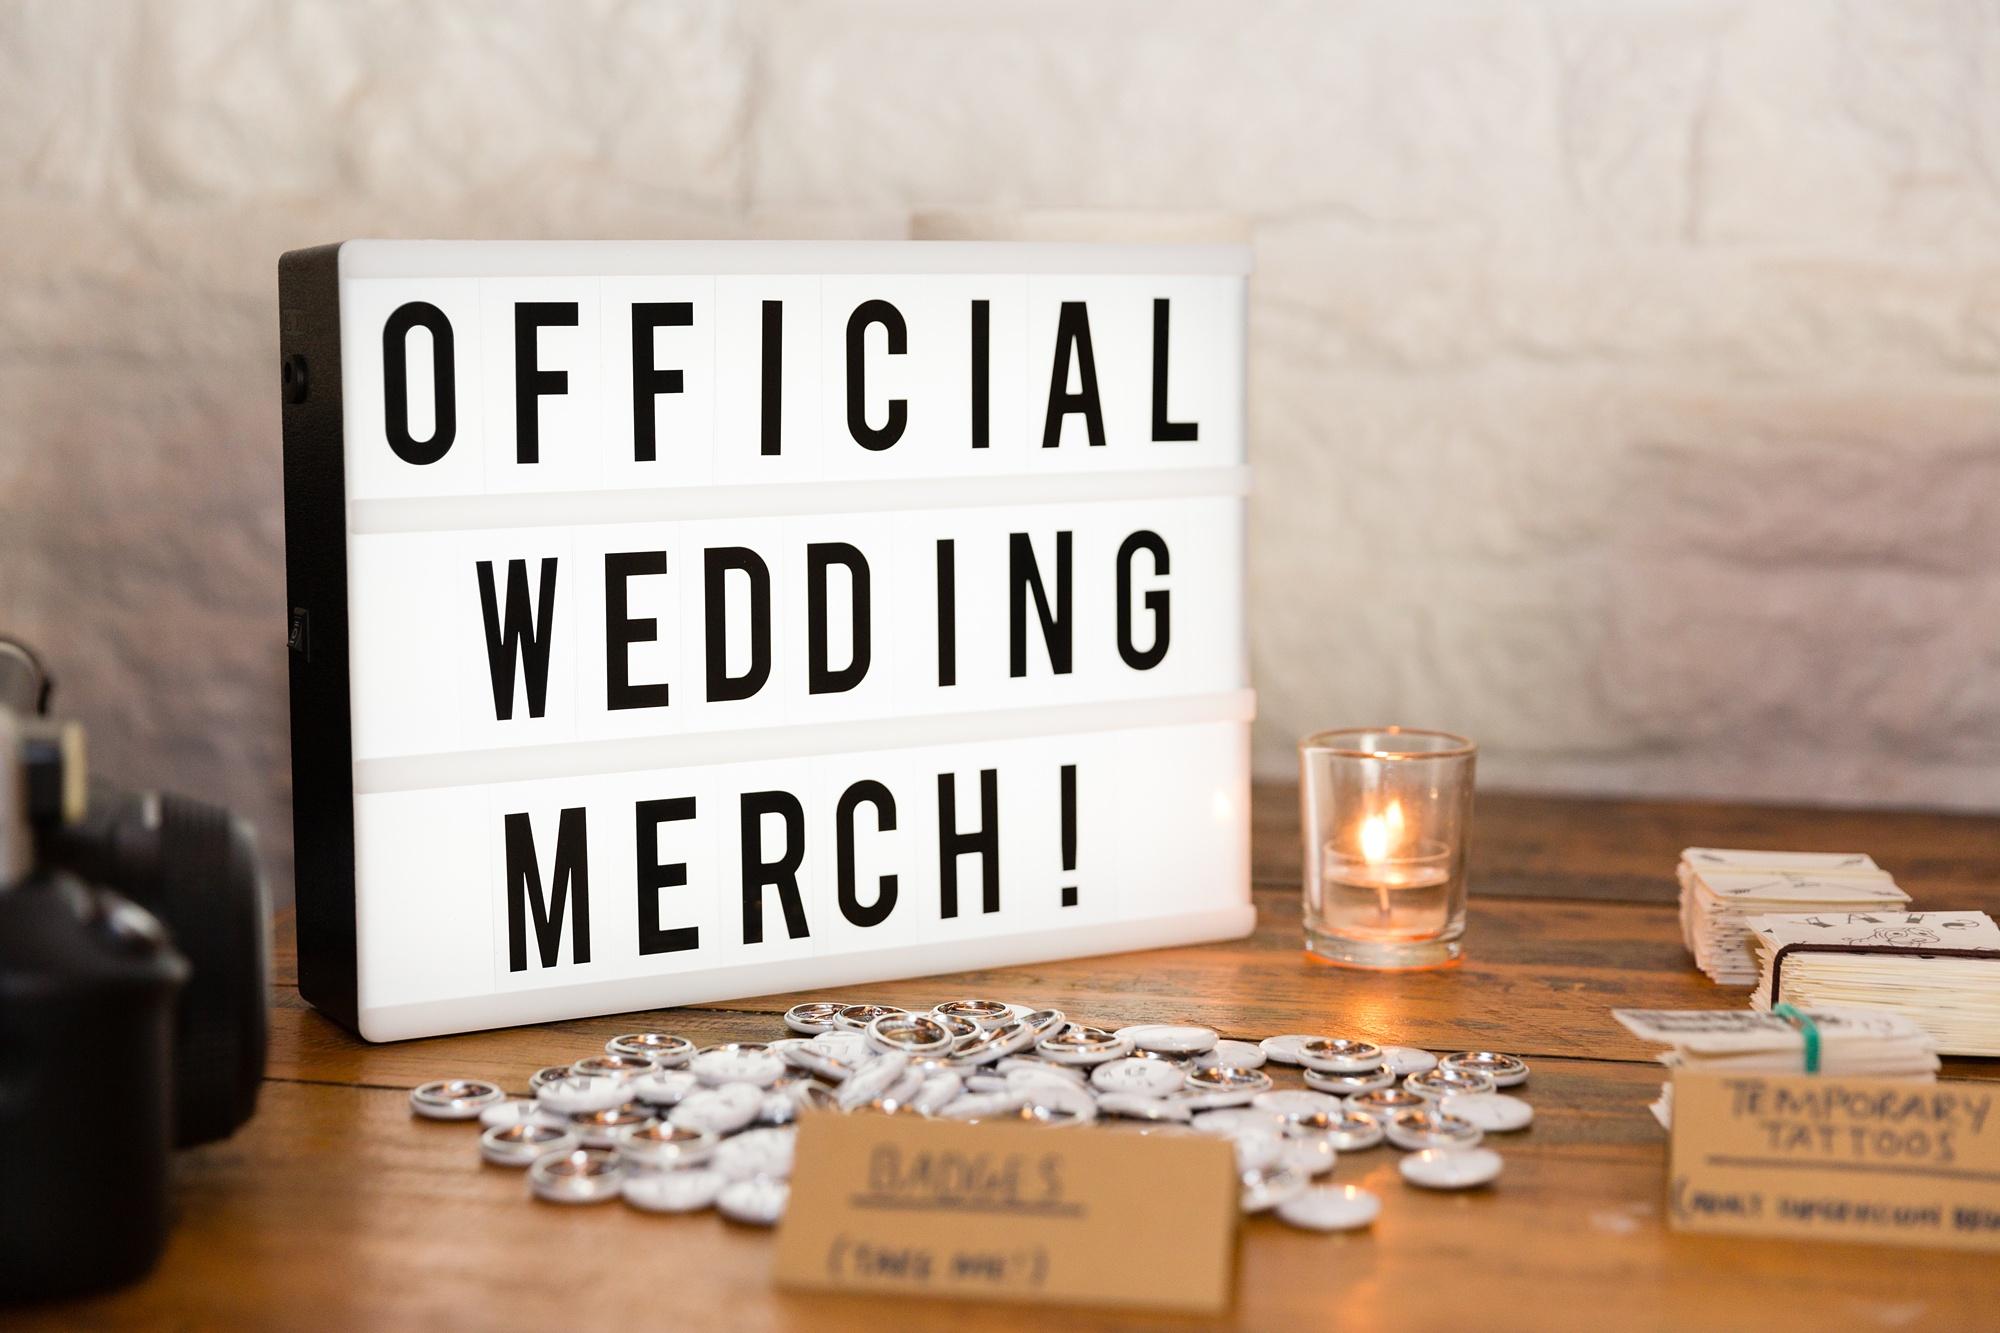 Official wedding merch